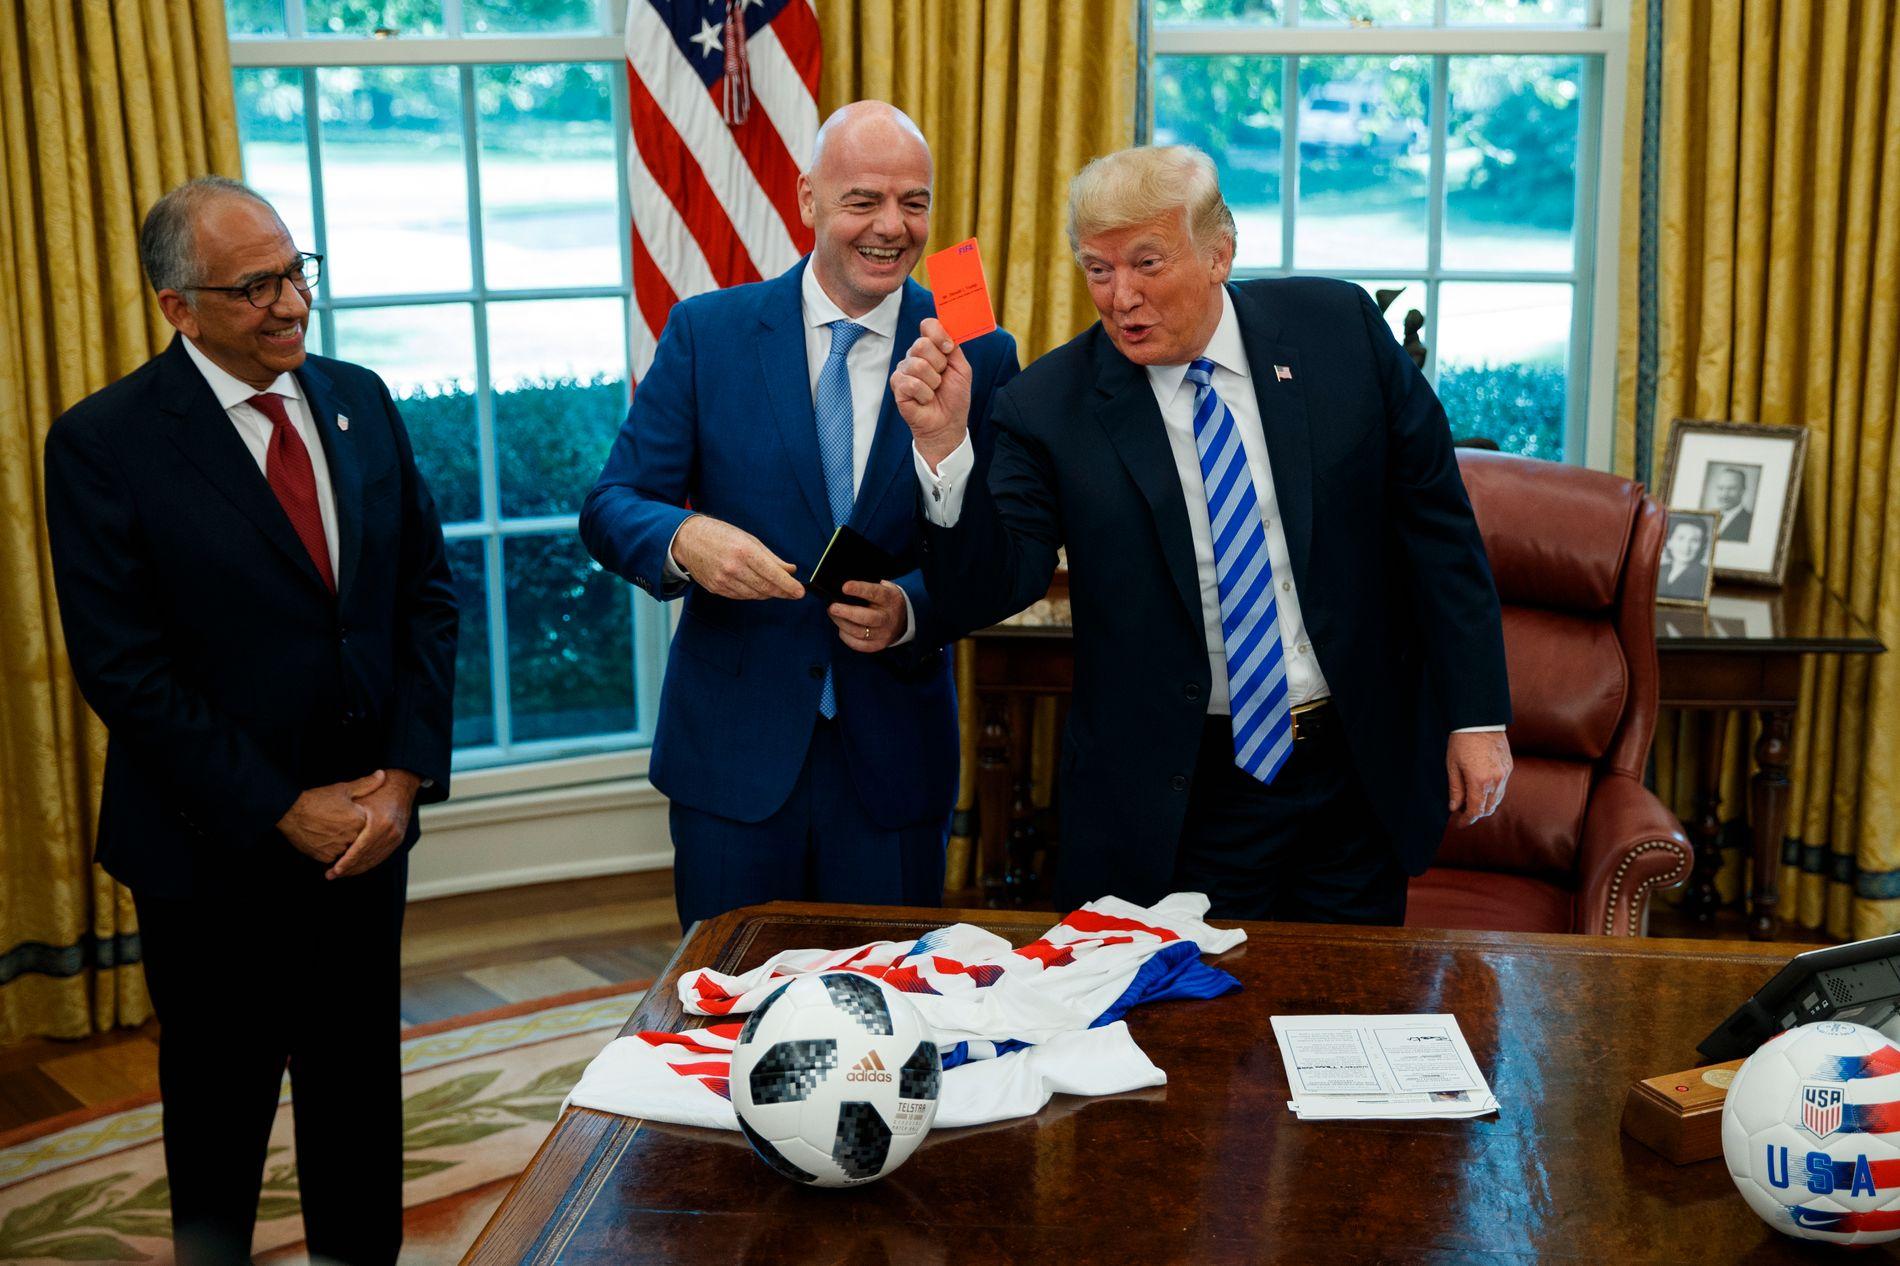 BESØKTE DET HVITE HUS: Her er FIFA-president Gianni Infantino på besøk hos Donald Trump i Det hvite hus i slutten av august. Til venstre står den amerikanske fotballpresidenten,  Carlos Cordeiro.